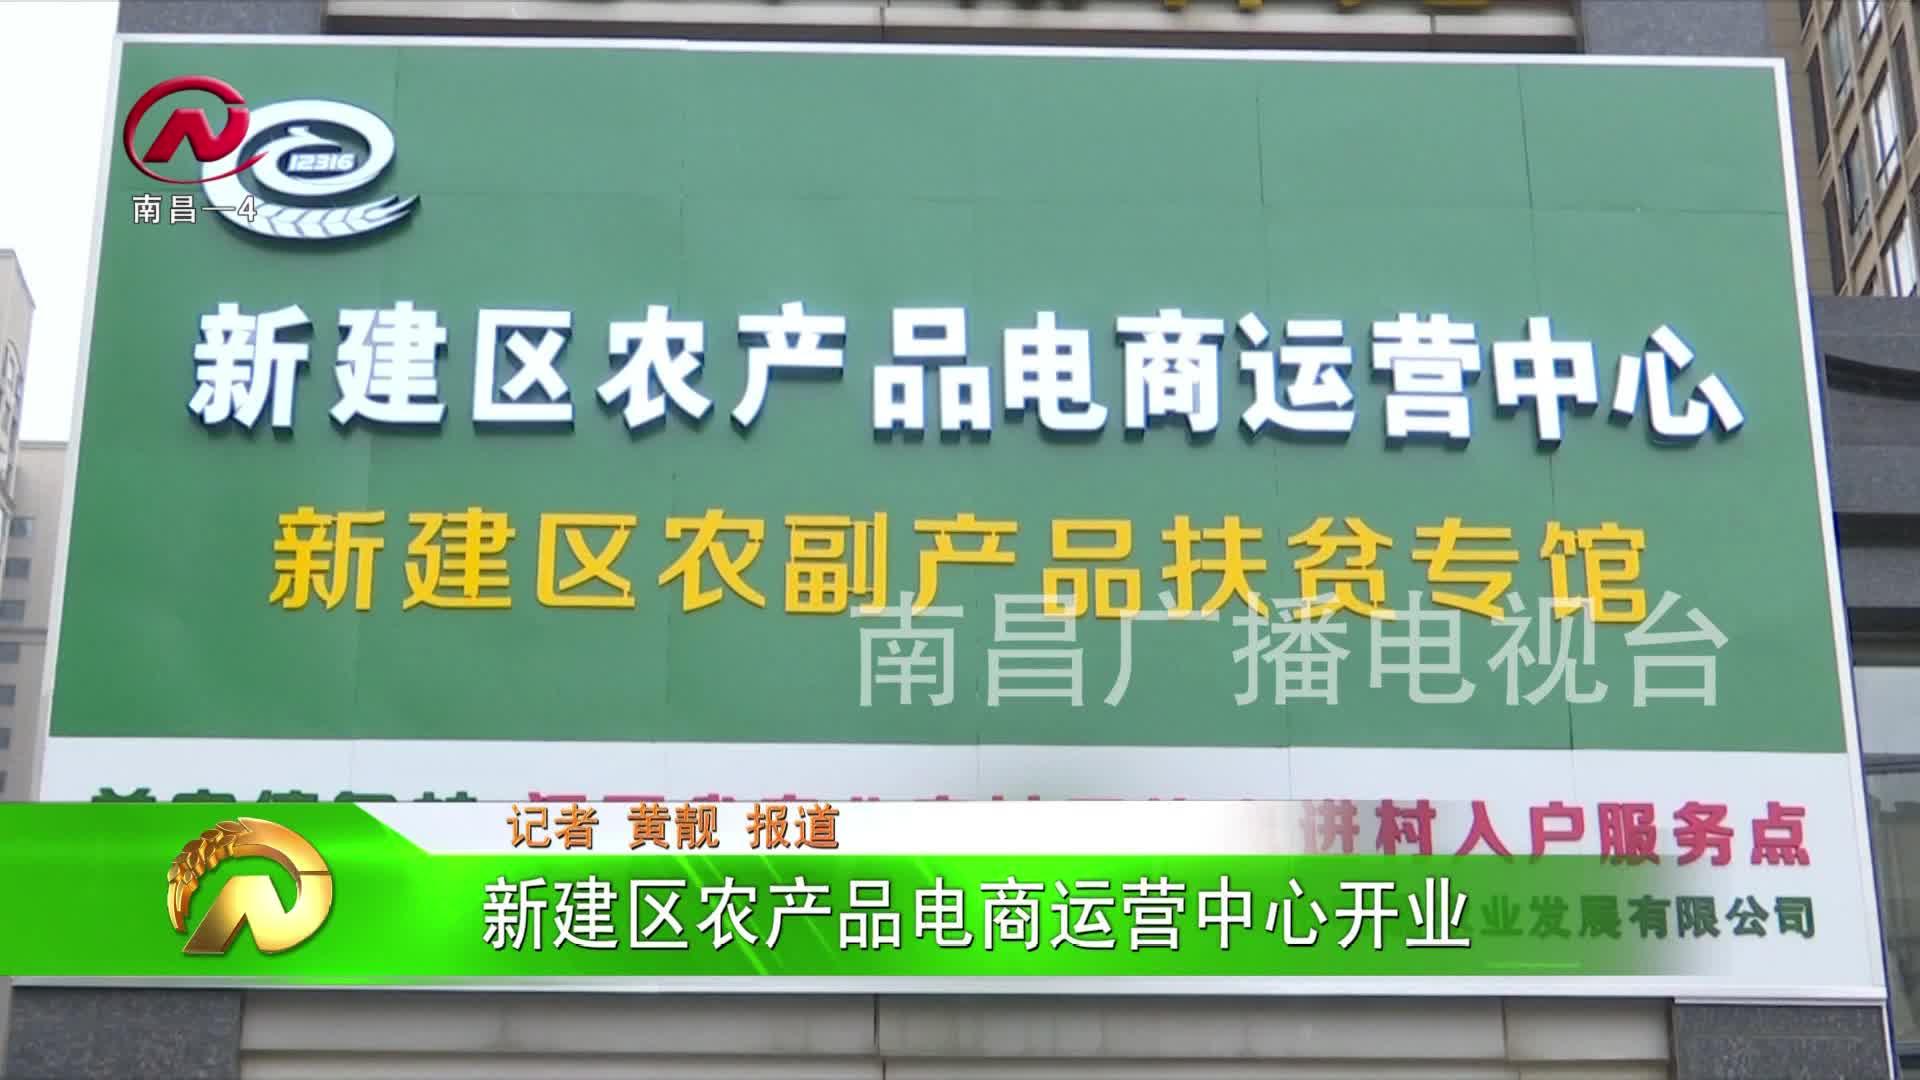 【豫章農視】新建區農產品電商運營中心開業